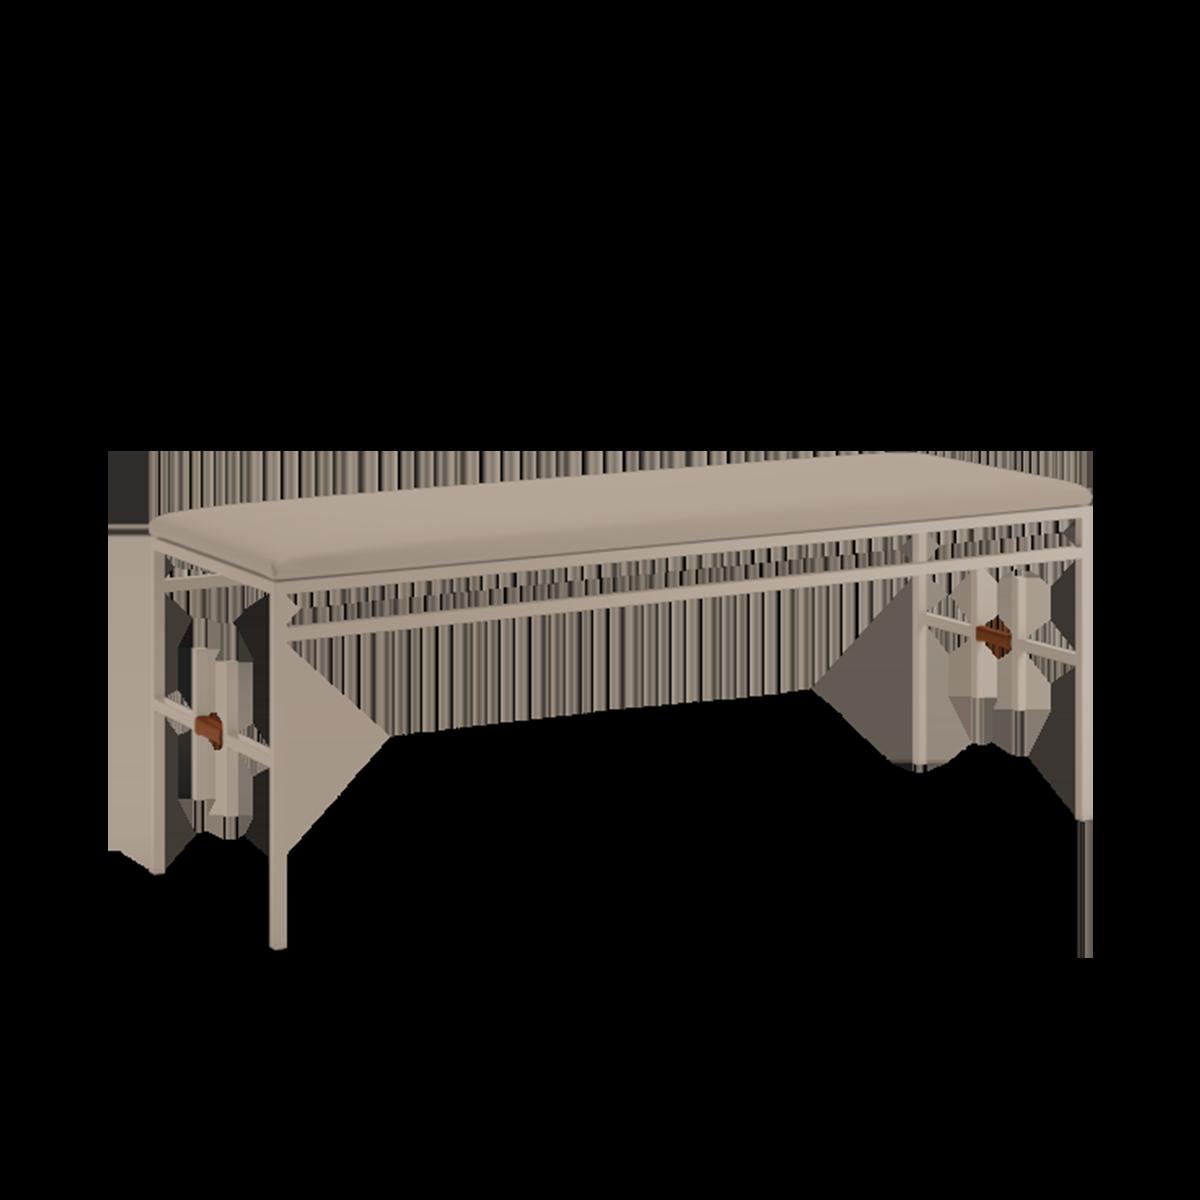 H-Bench - Efva Attling The Högdalen collection - sittbänk - hallbänk